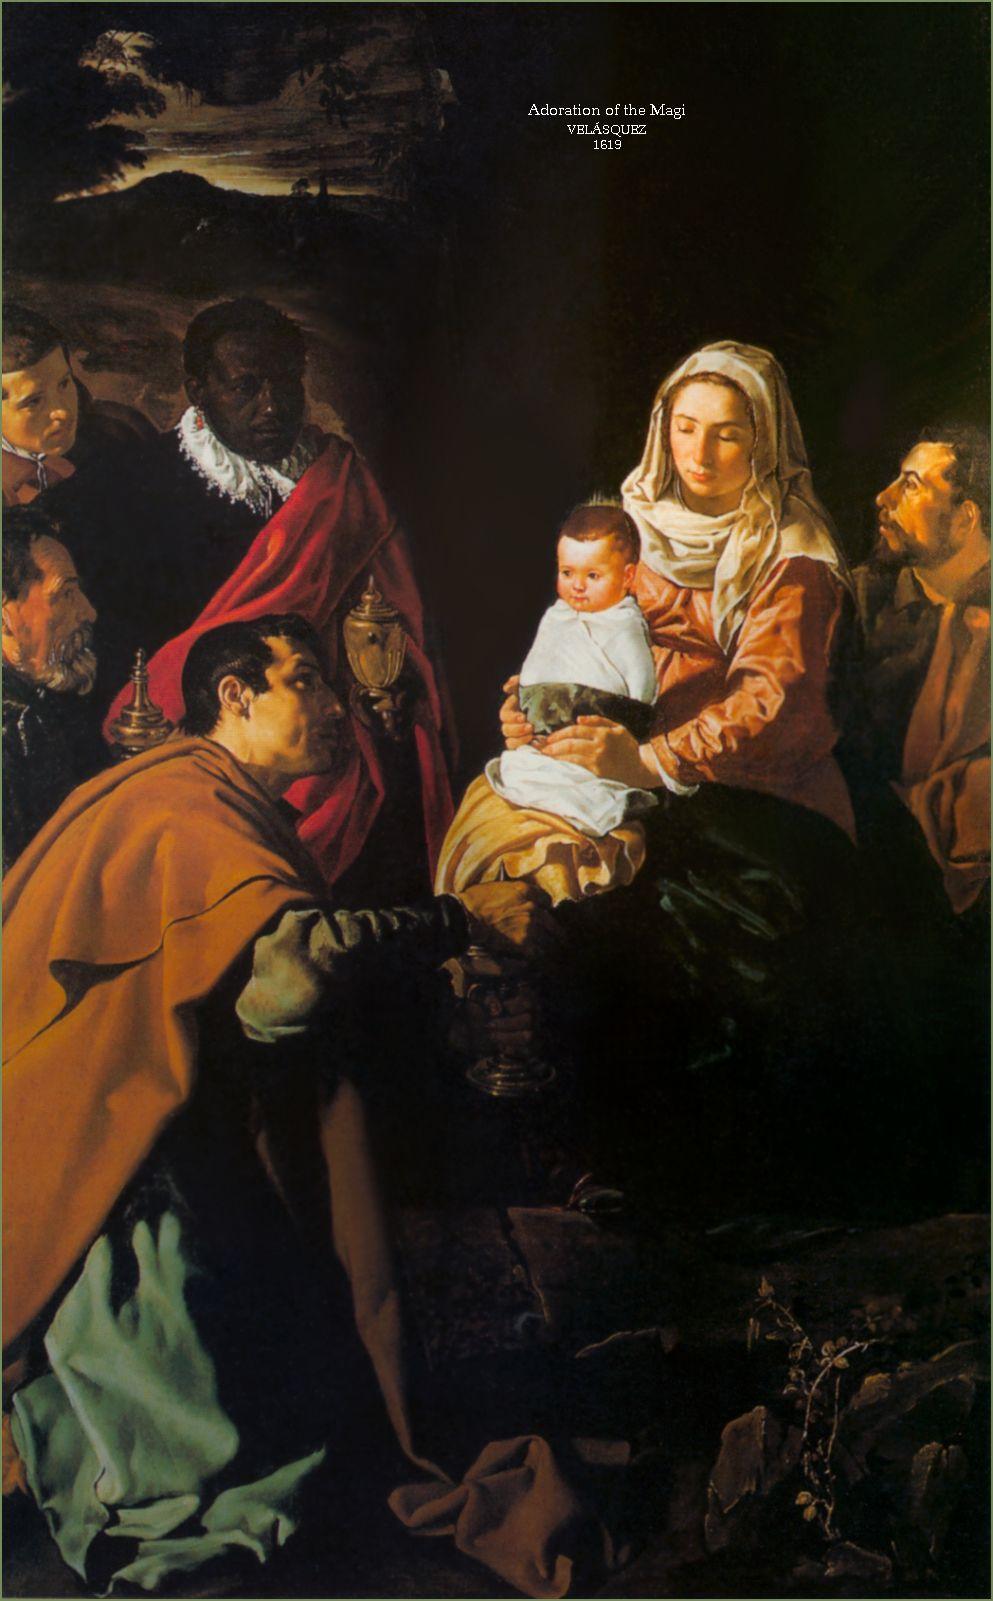 Adoraci³n de los reyes Magos Velazquez Paintings in 2019